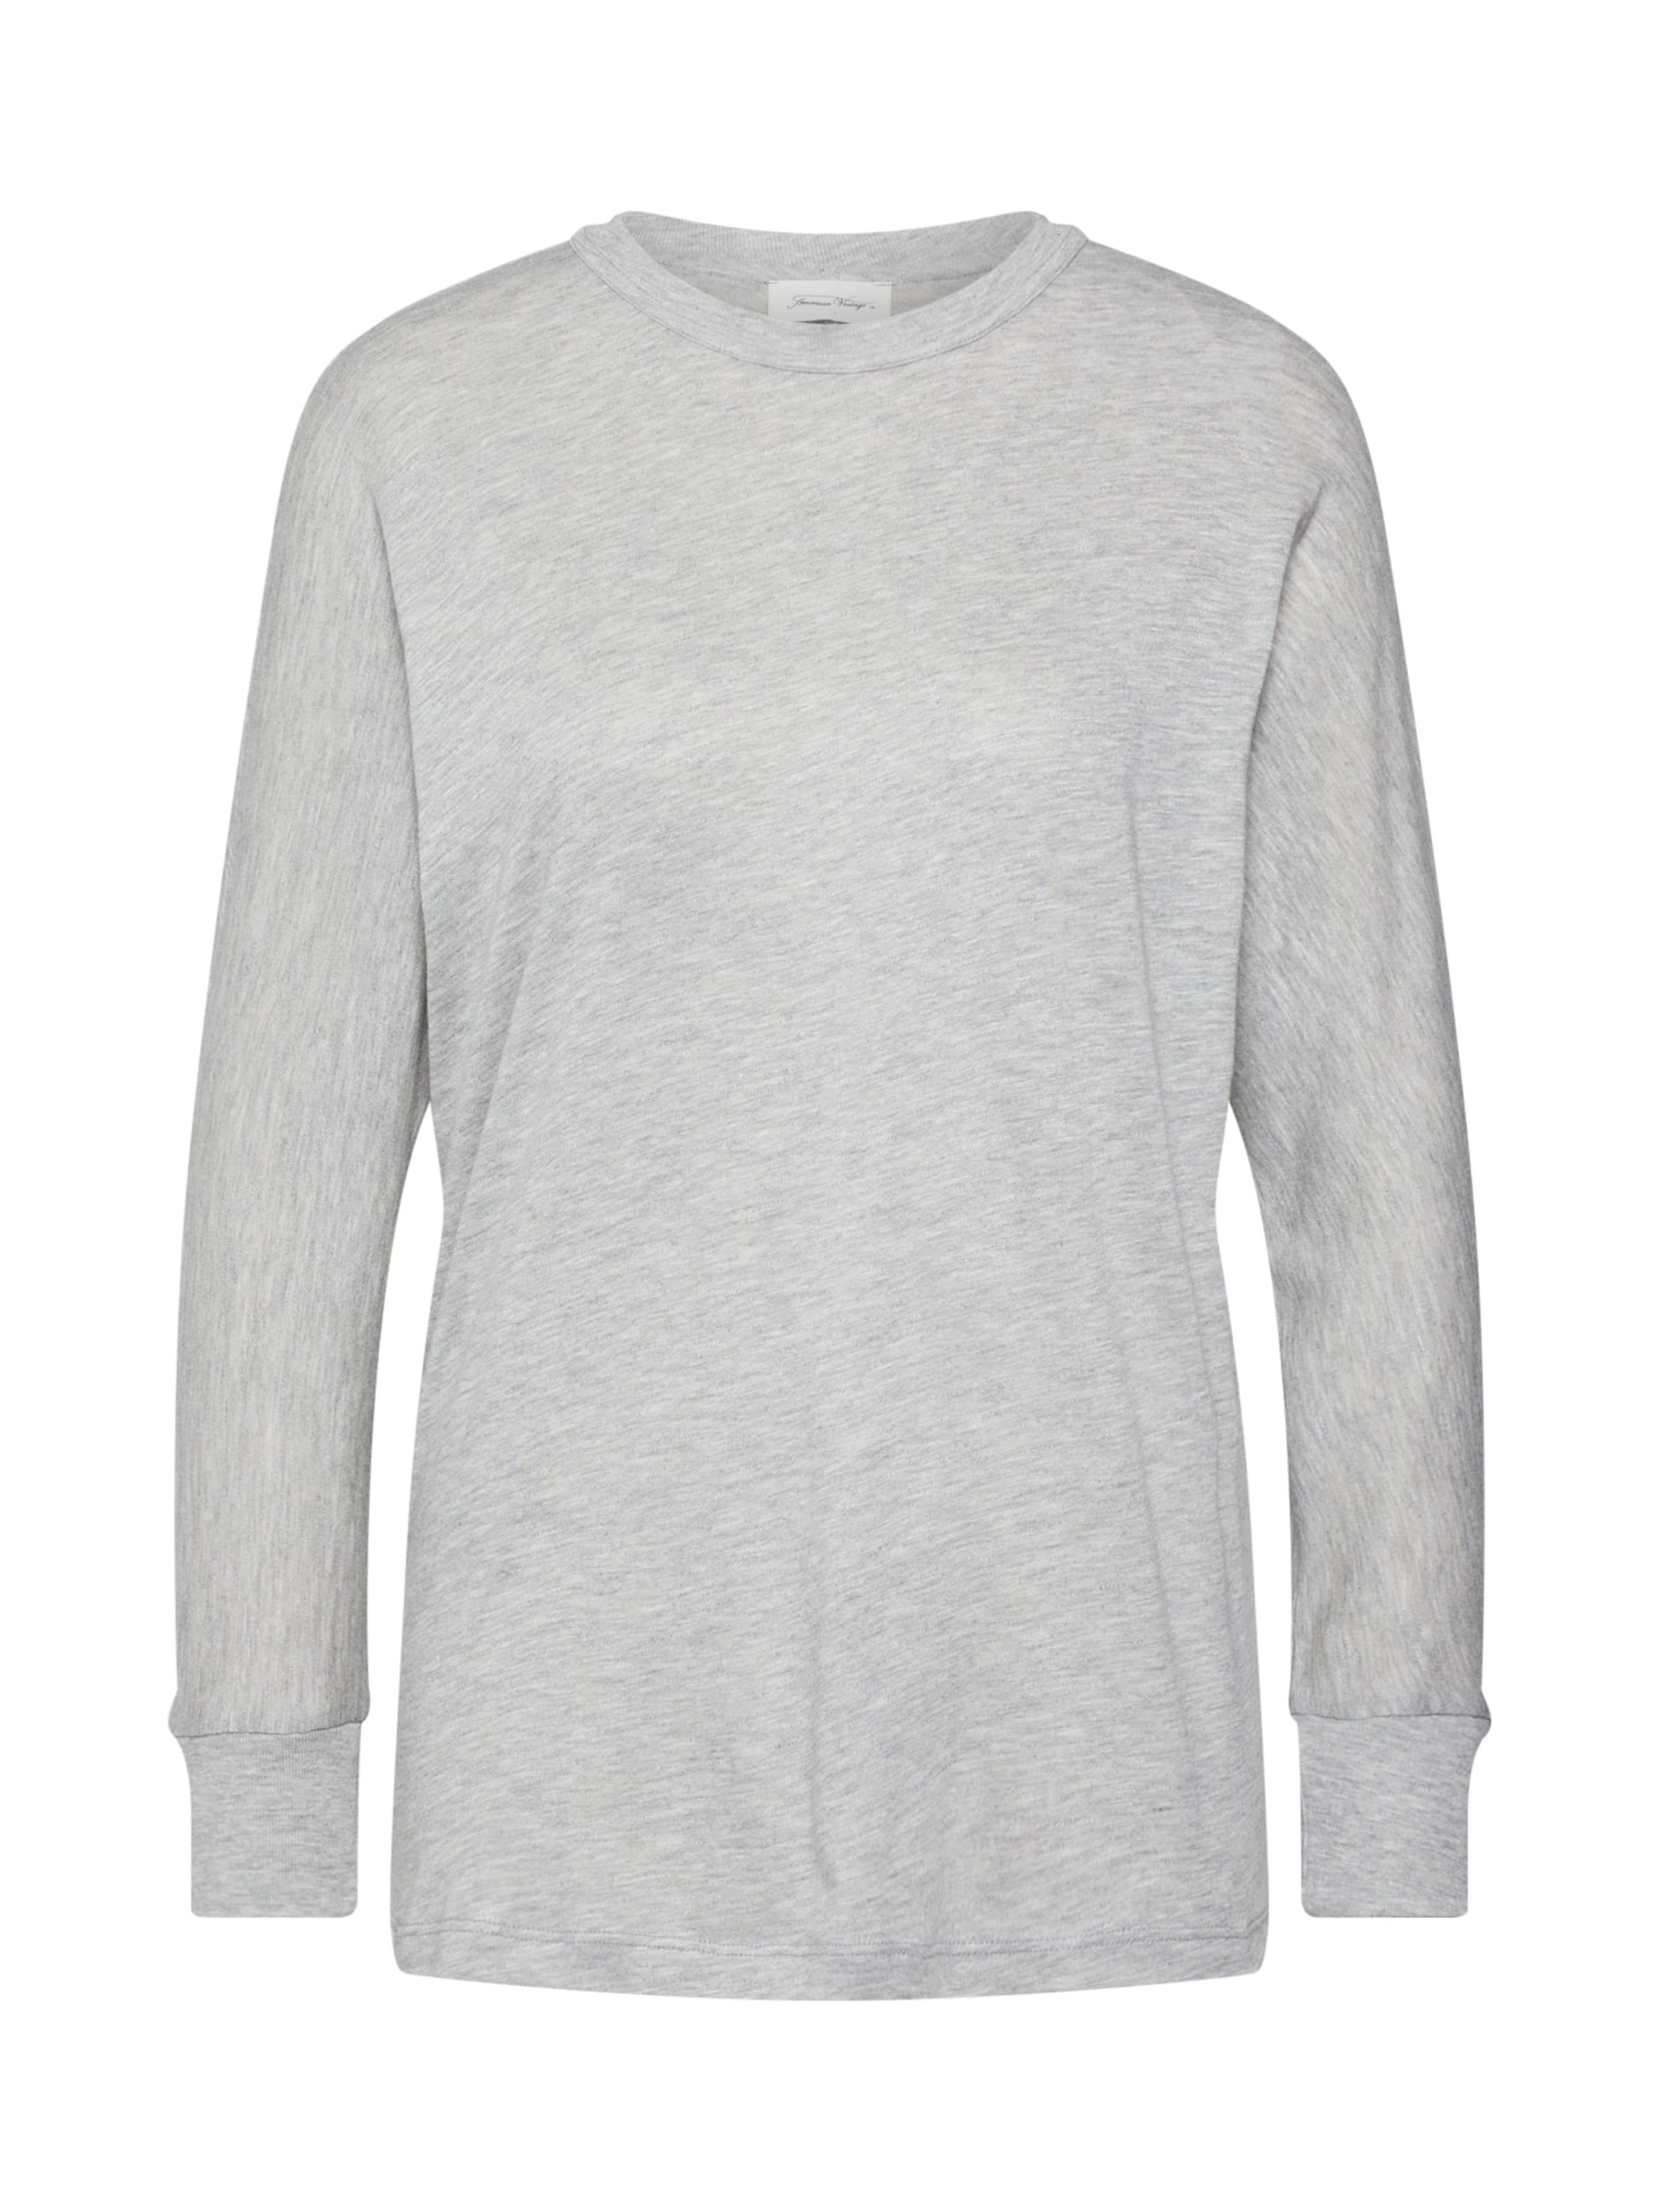 Hellgrau American Shirt Vintage 'kobi59h19' In H2eW9IYED